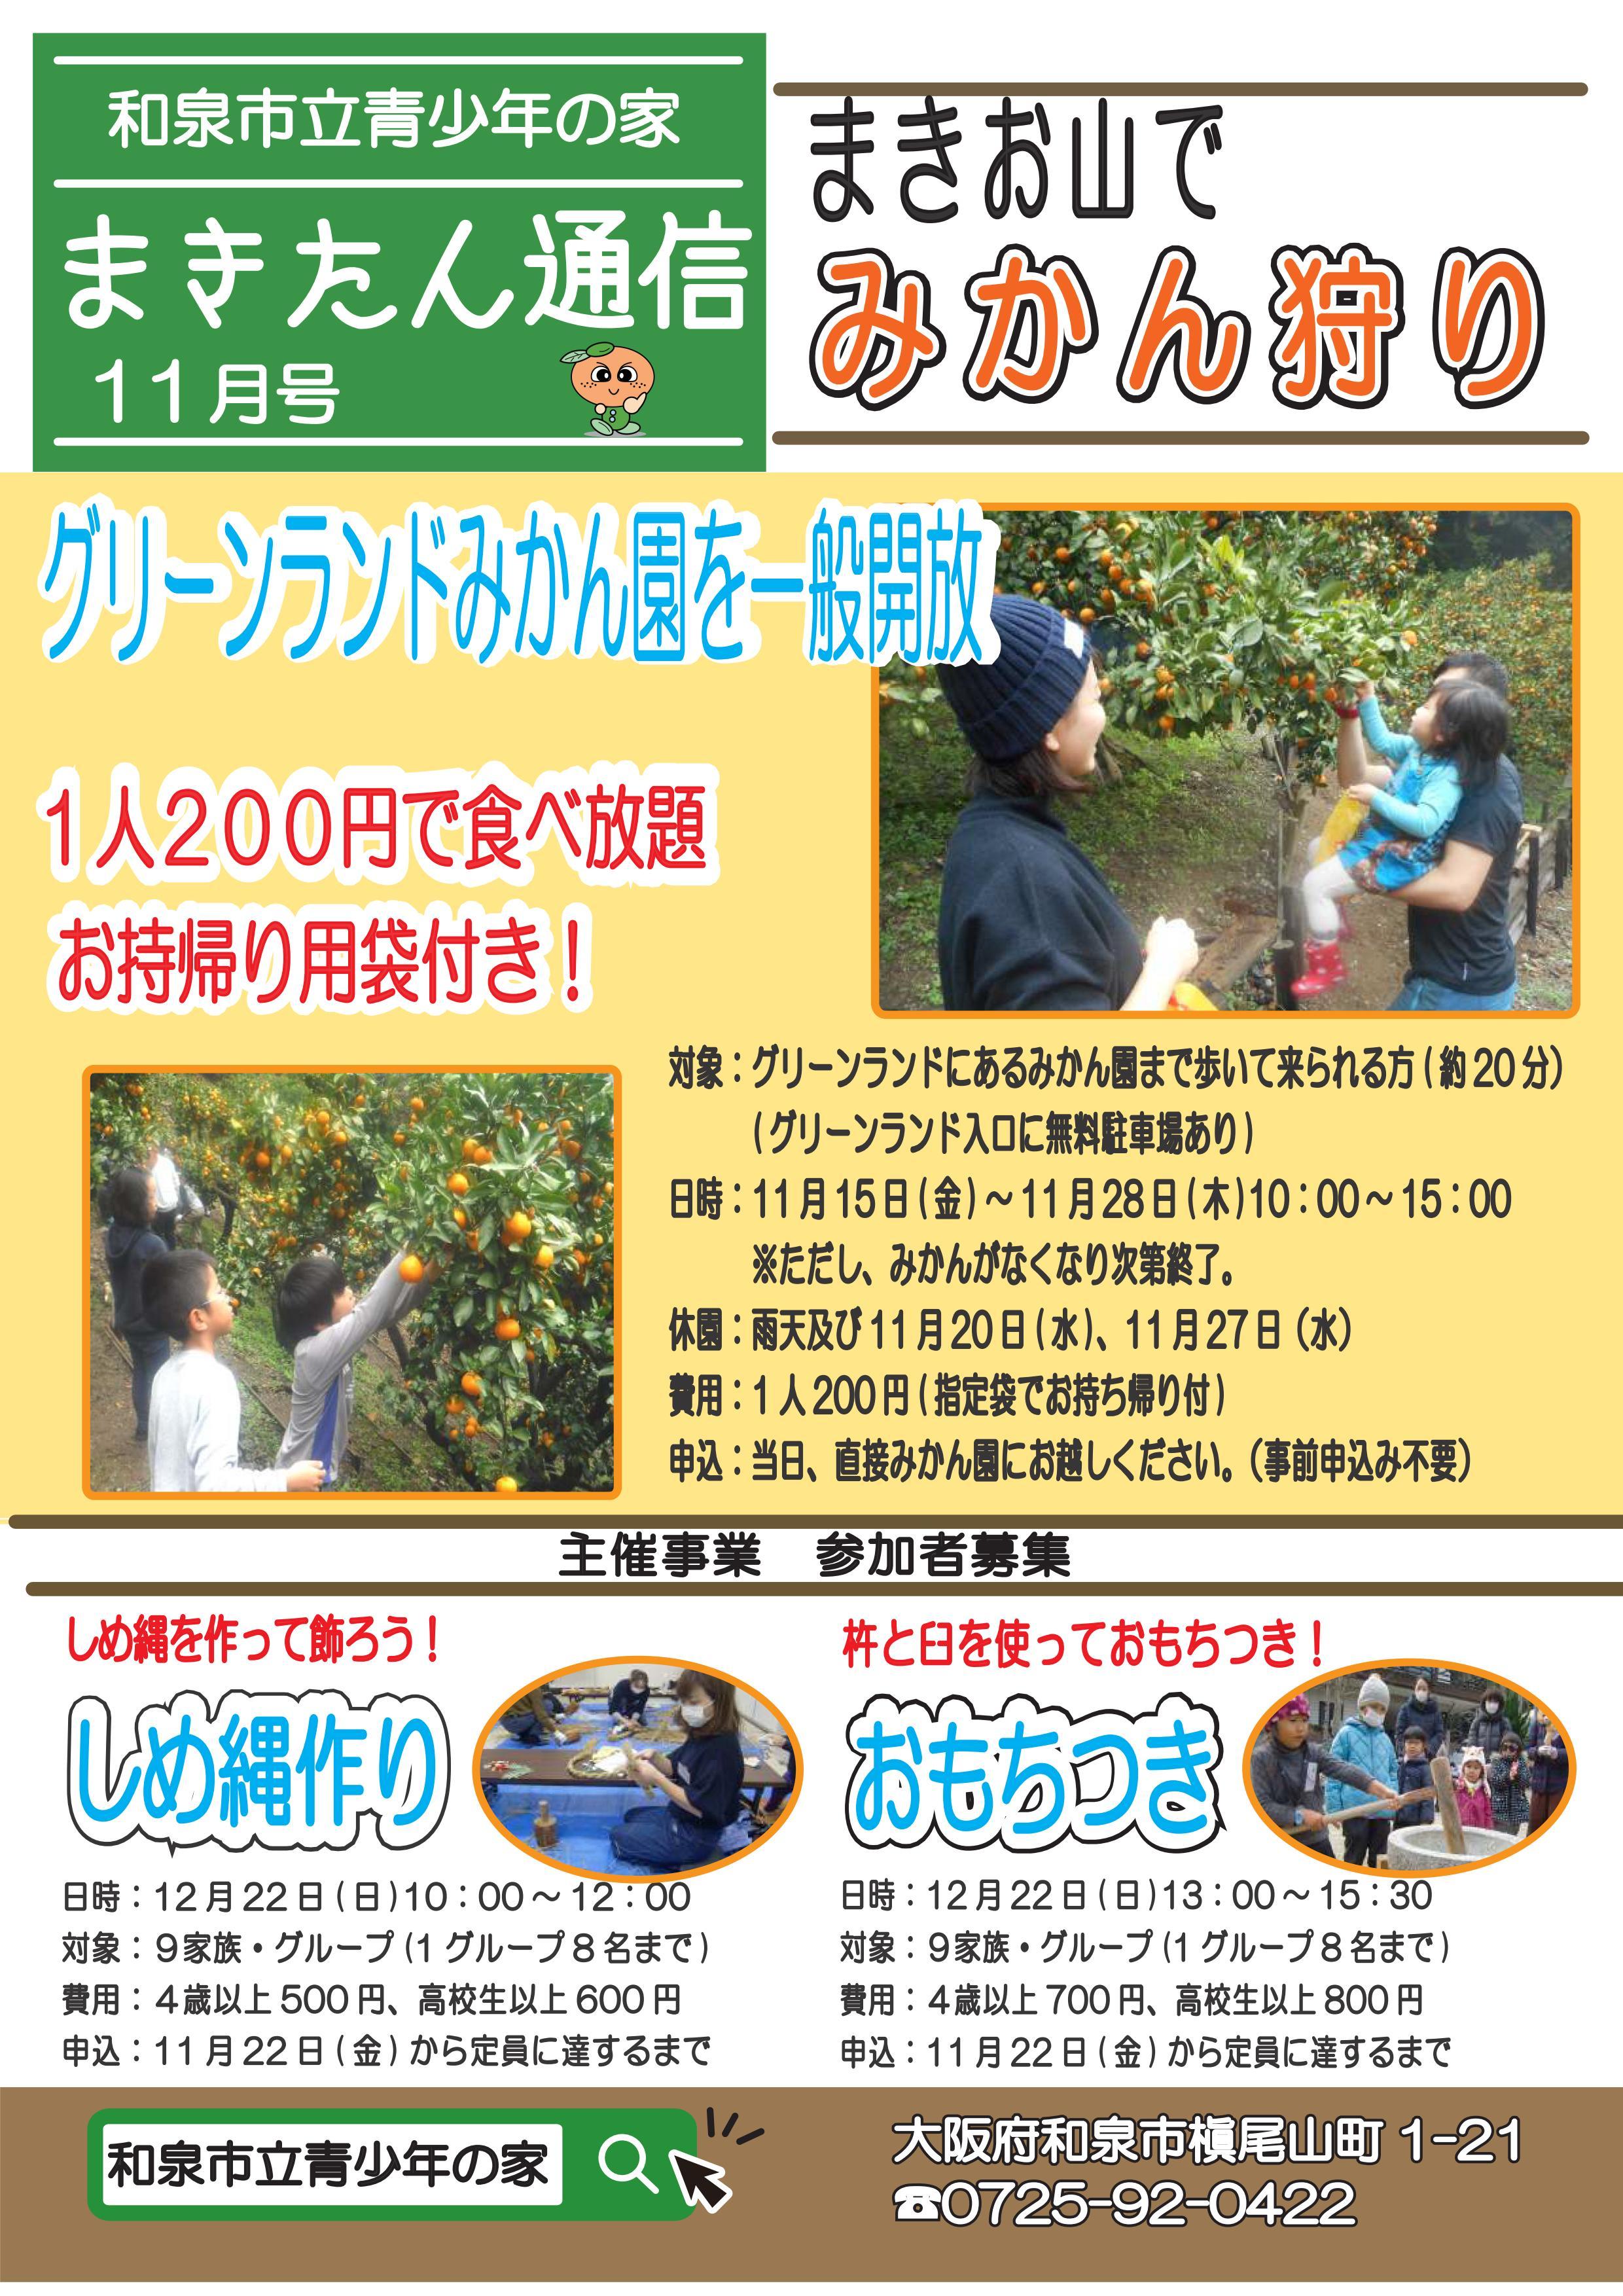 【終了】2019年11月15日(金)~28日(木)槇尾山グリーンランドみかん園がオープン♪